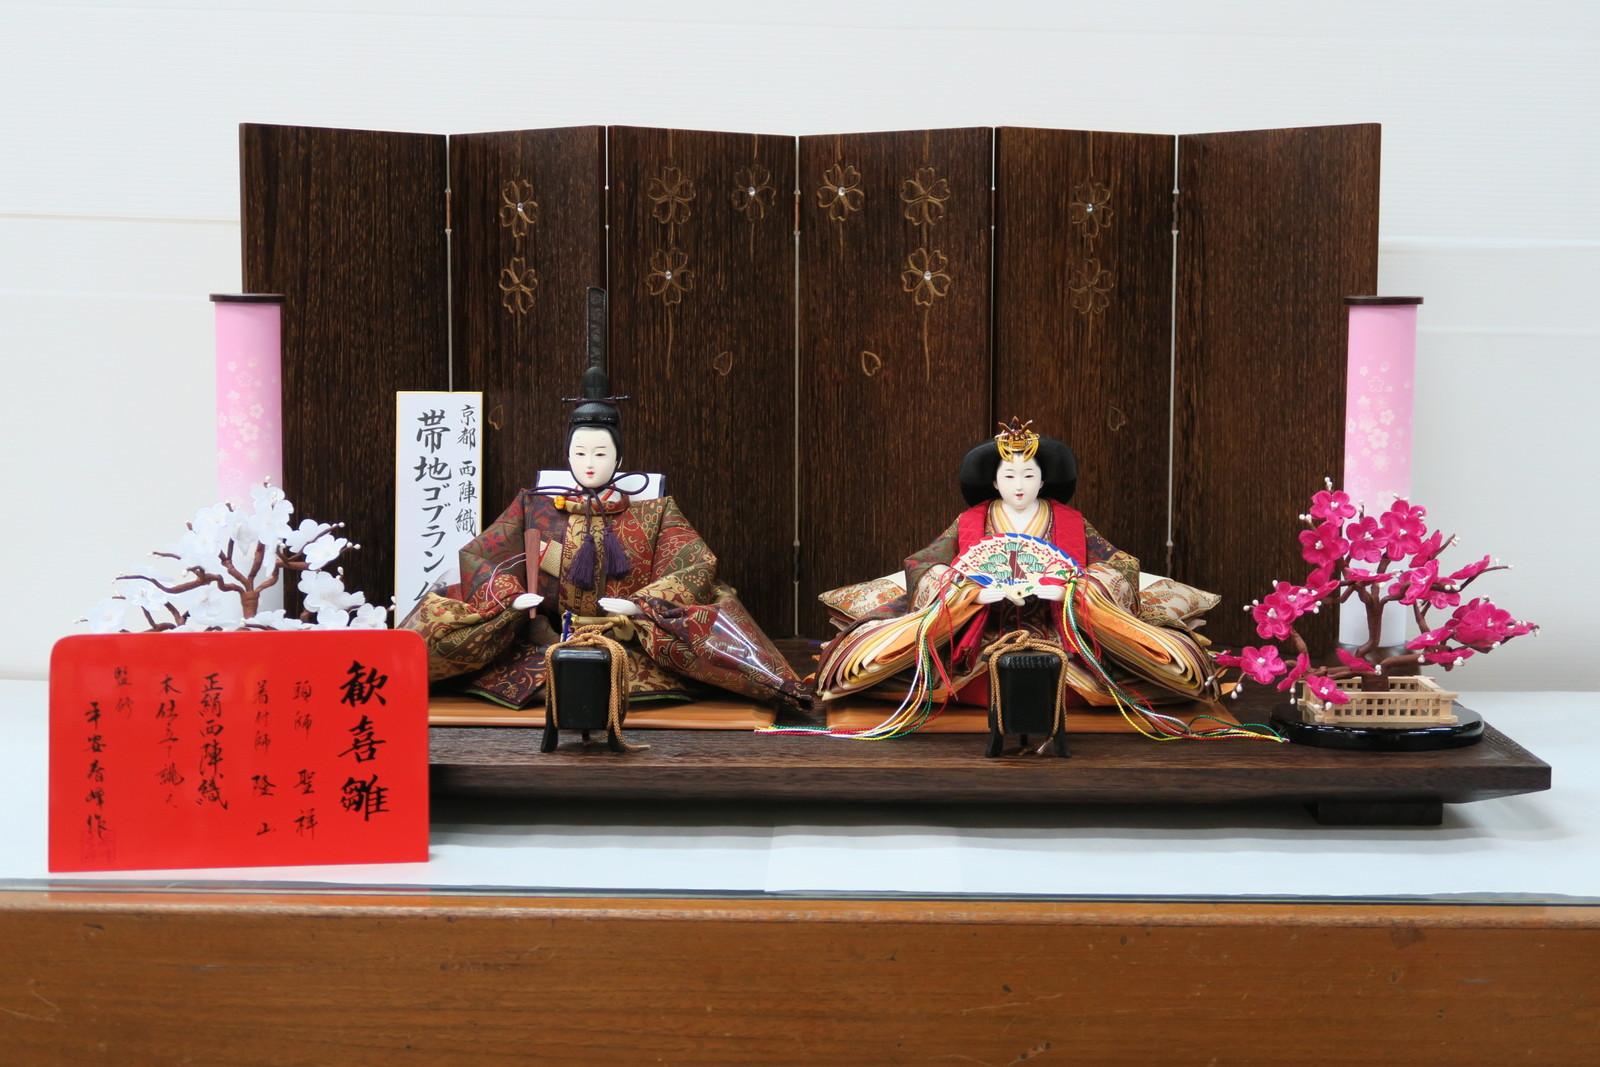 80歓喜雛 帯地ゴブラン歓喜雛(四曲屏風平飾り) 【雛人形親王飾り】